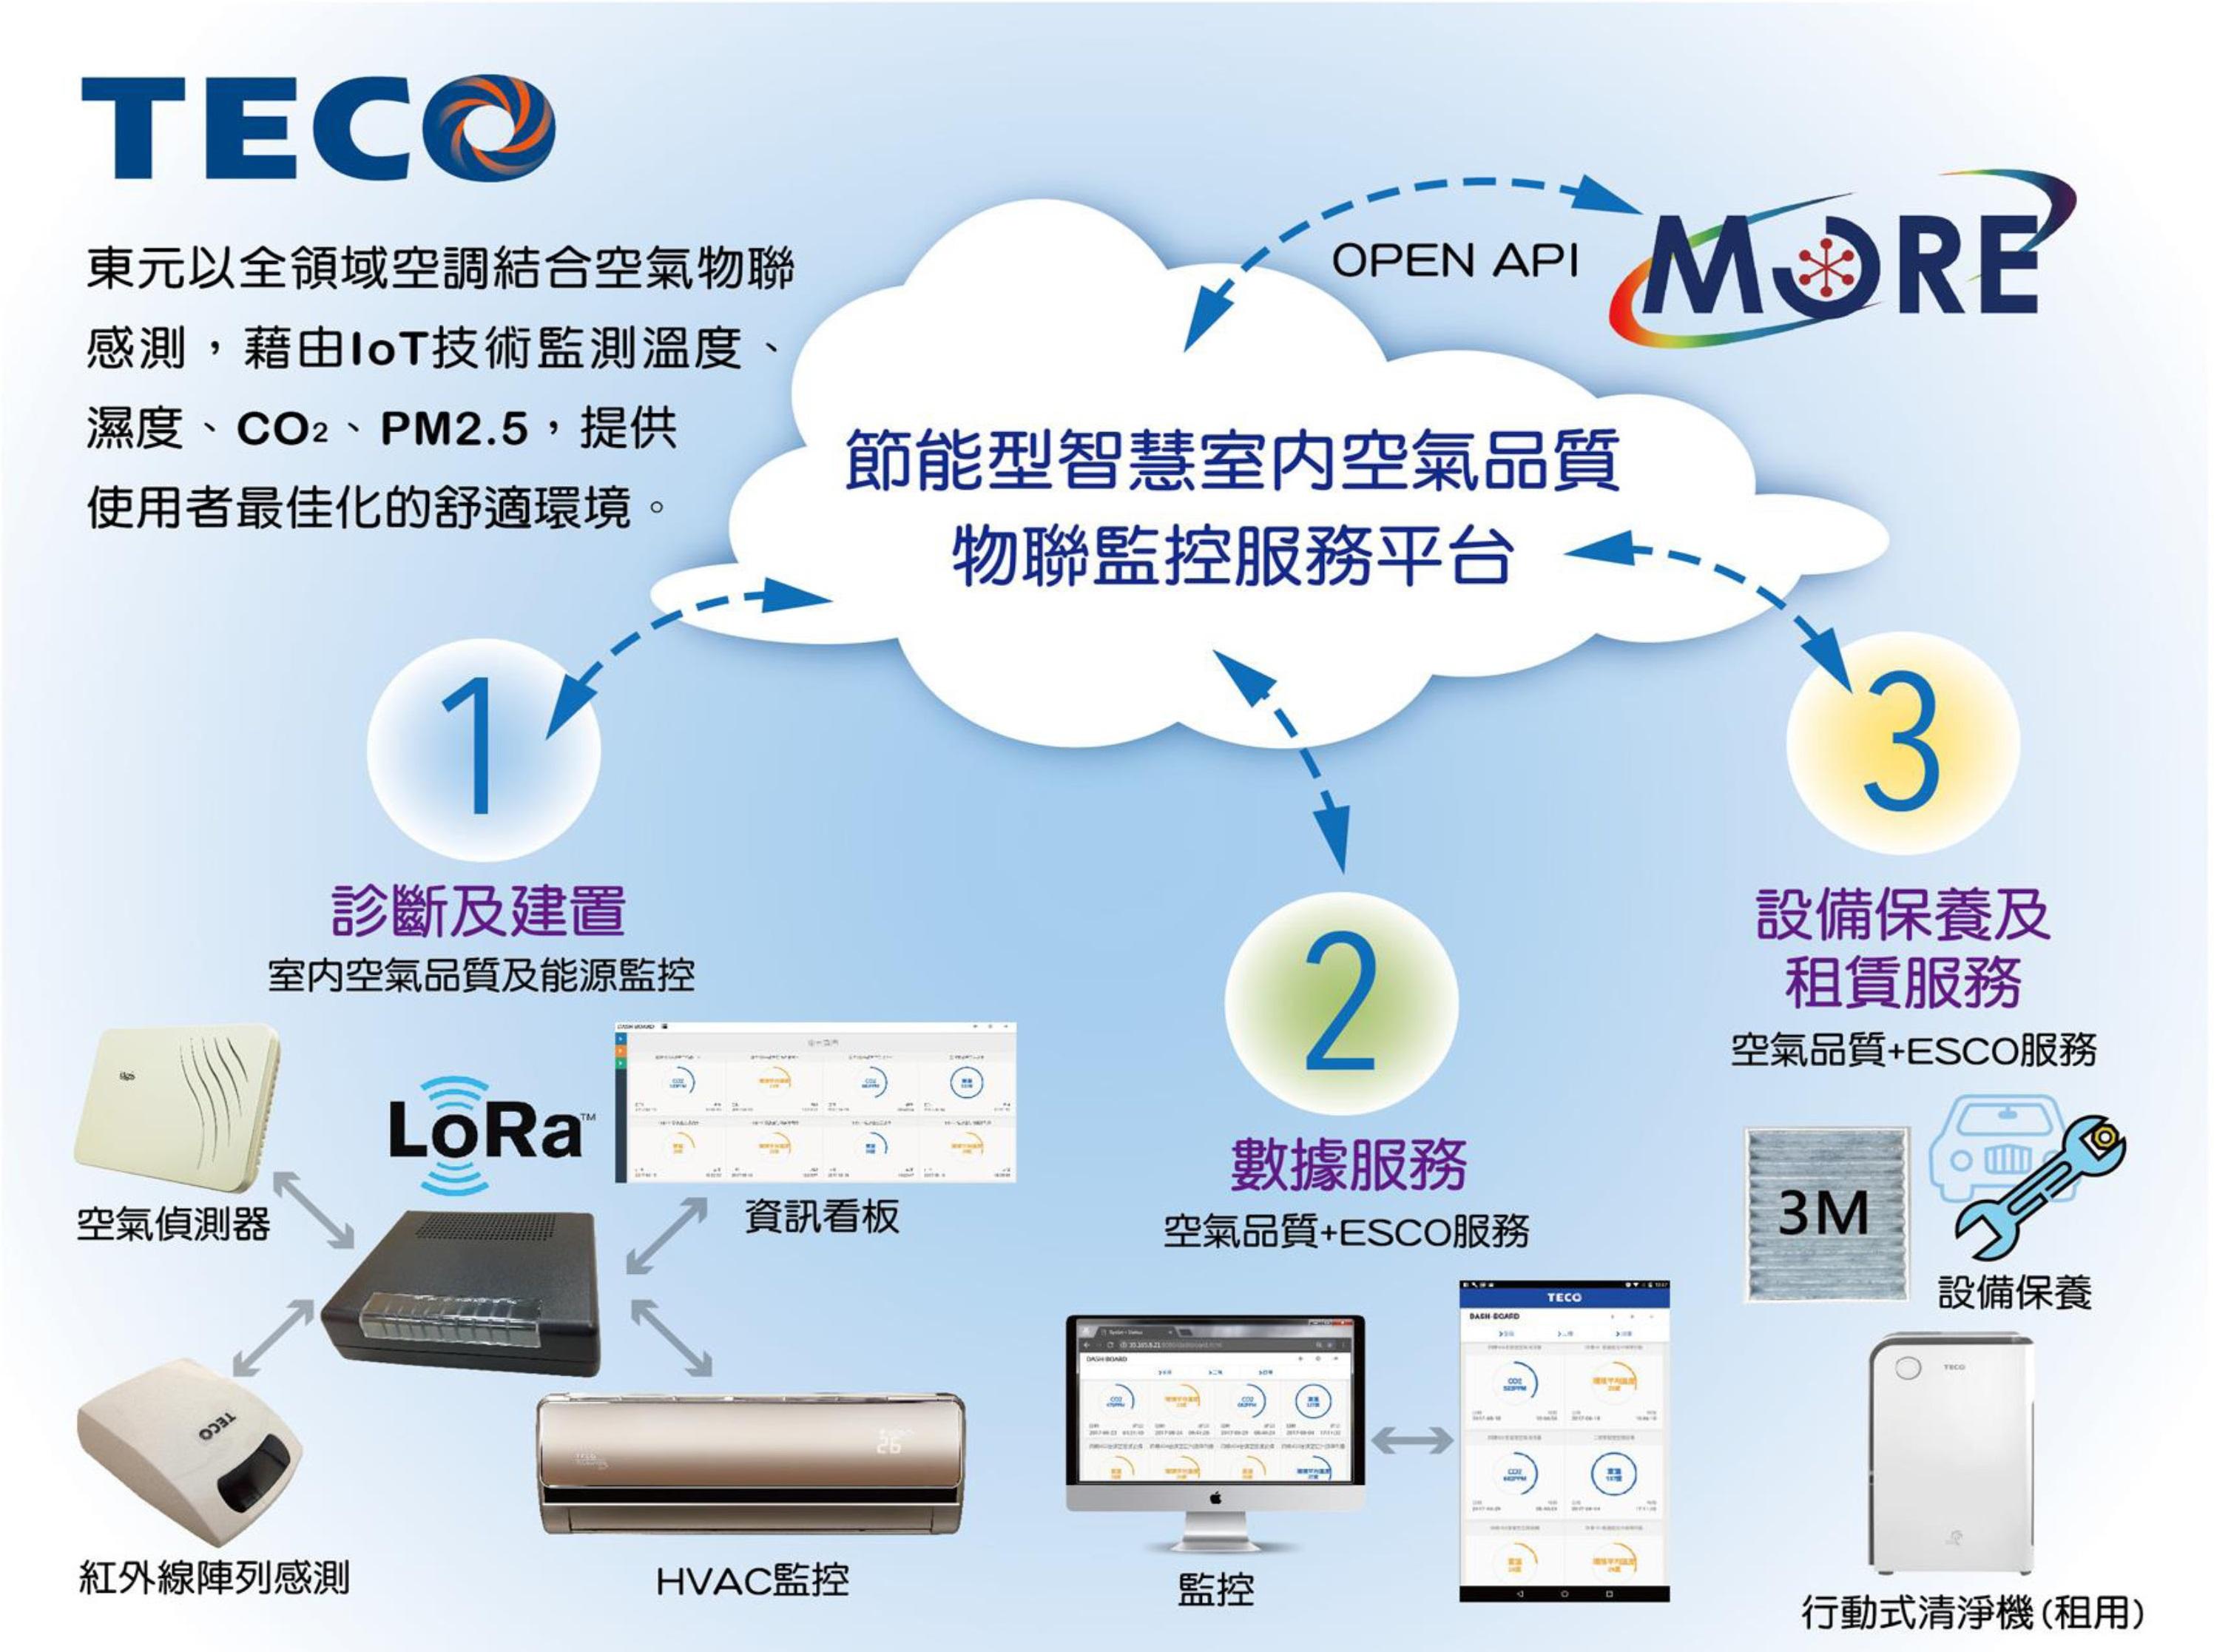 智能型医疗院所空气质量与空调能源管理系统 / 東元電機股份有限公司